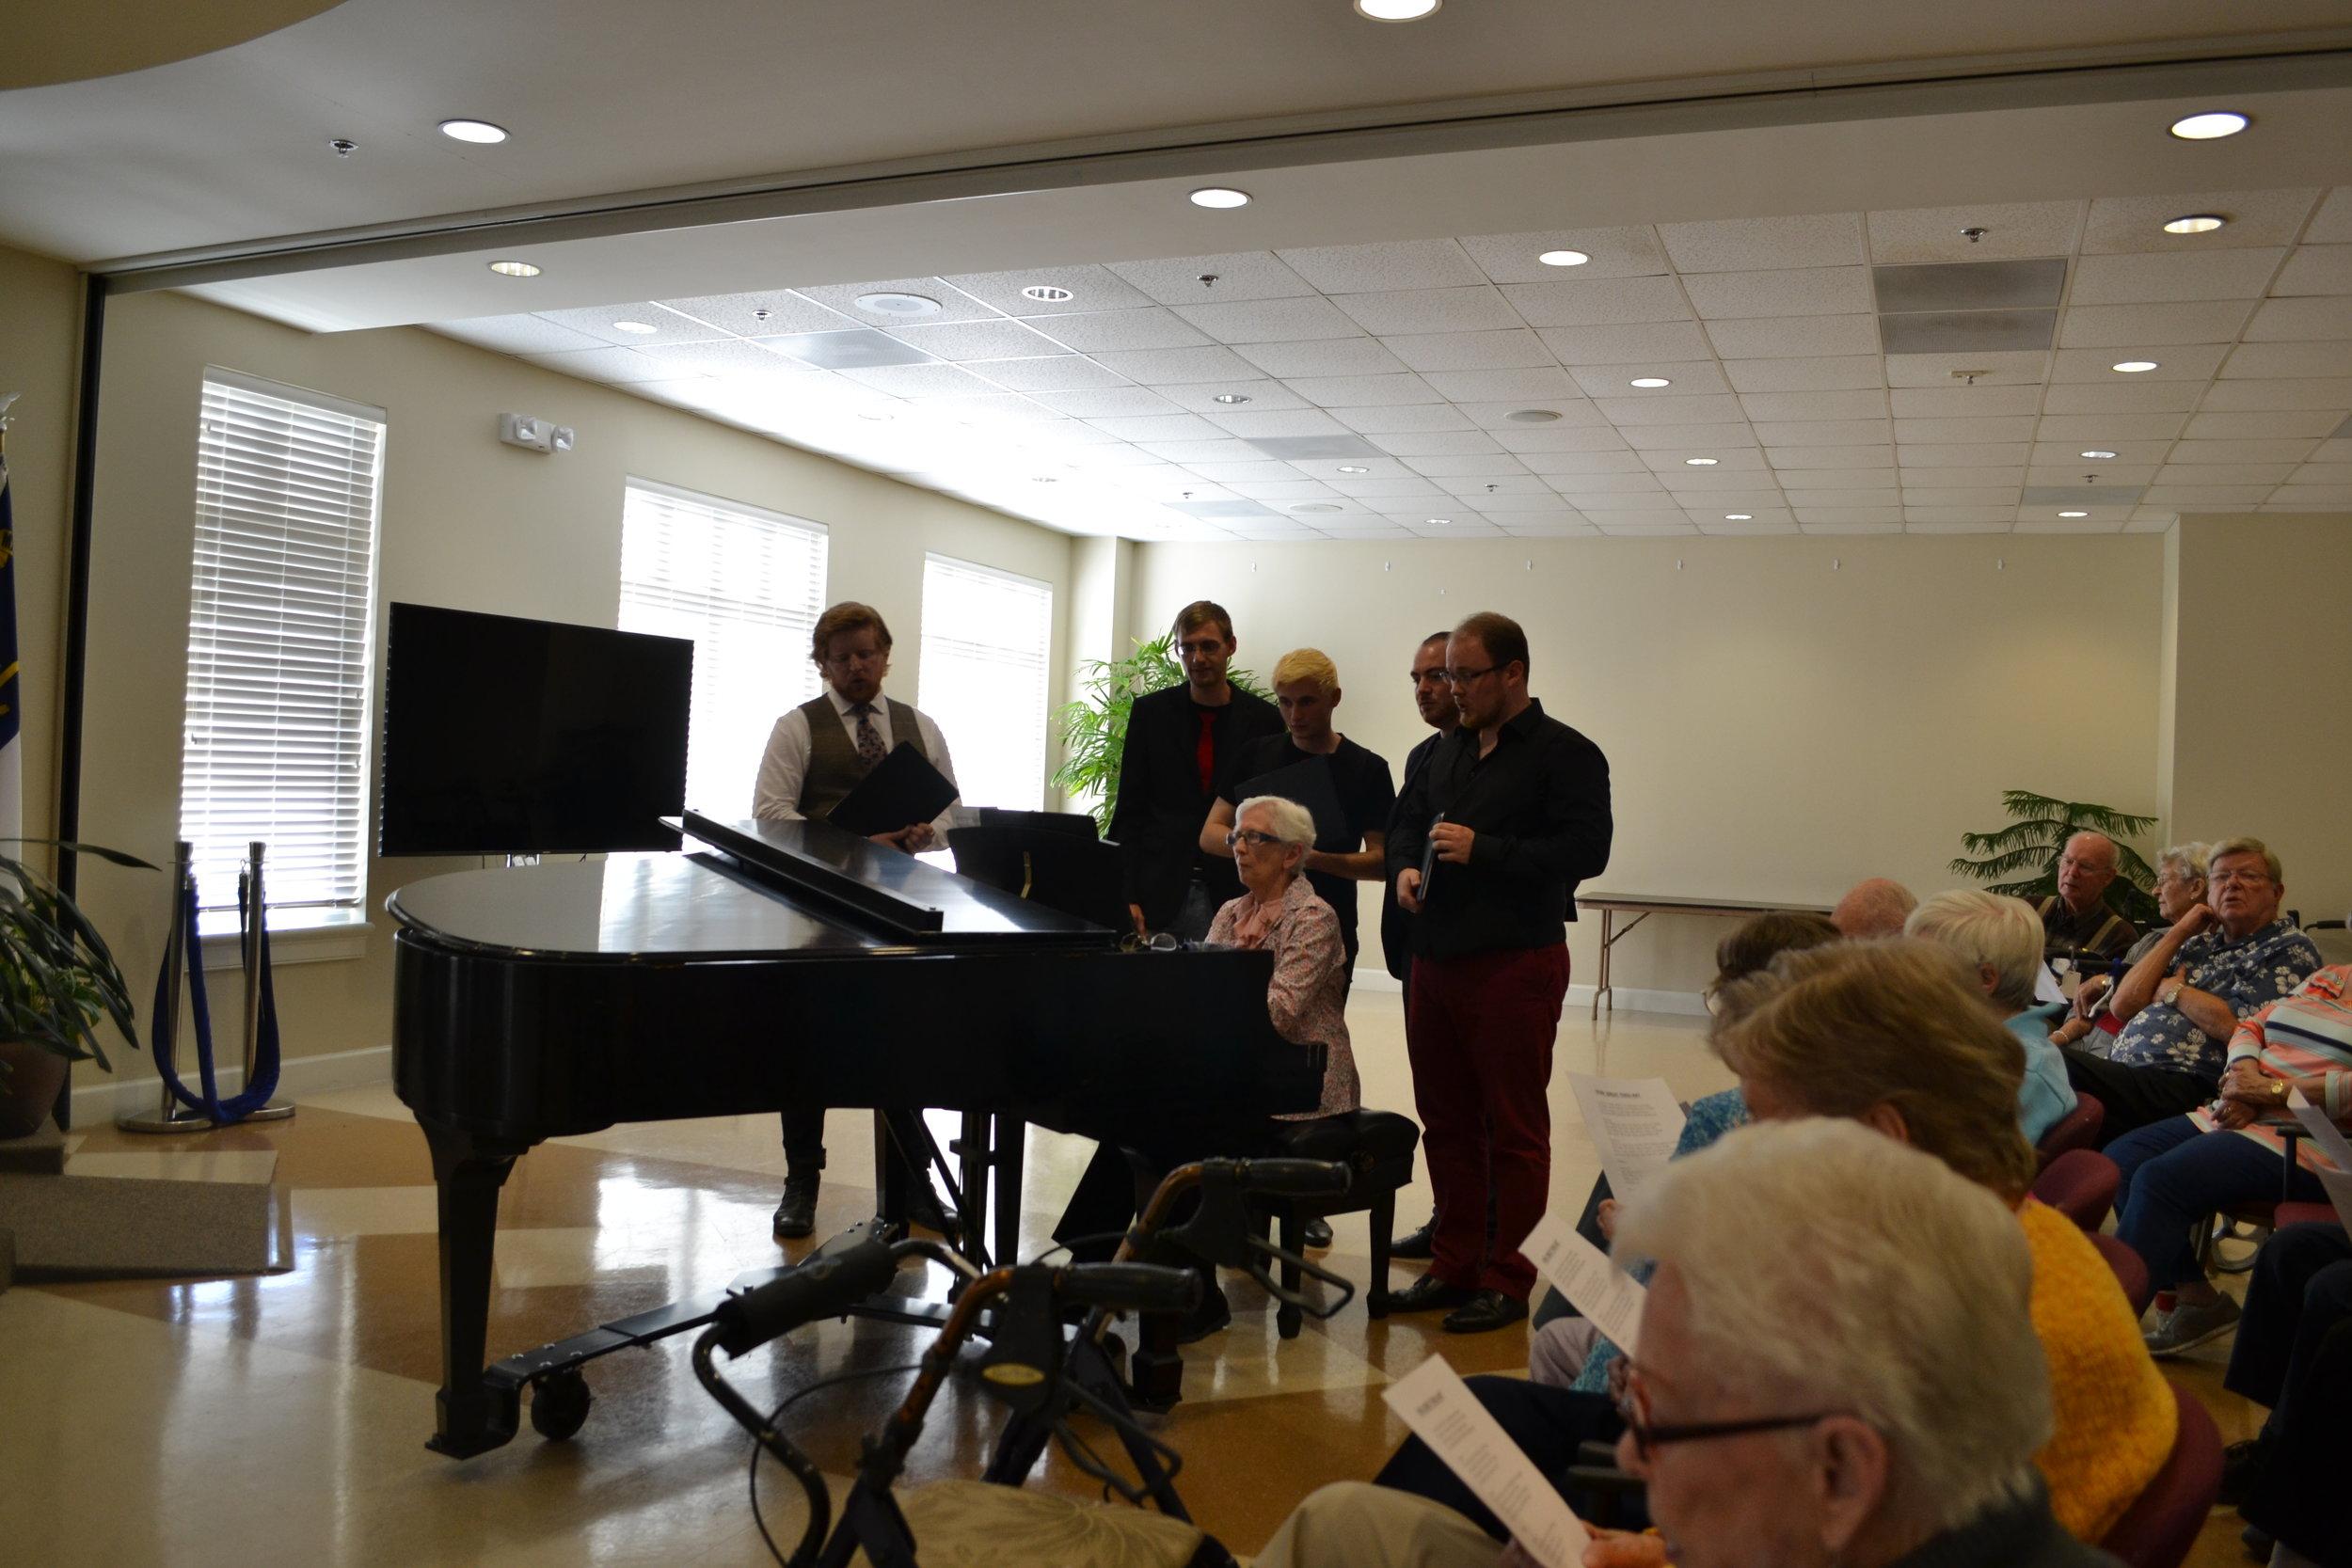 Gemeinsames Singen | Singing some hymns